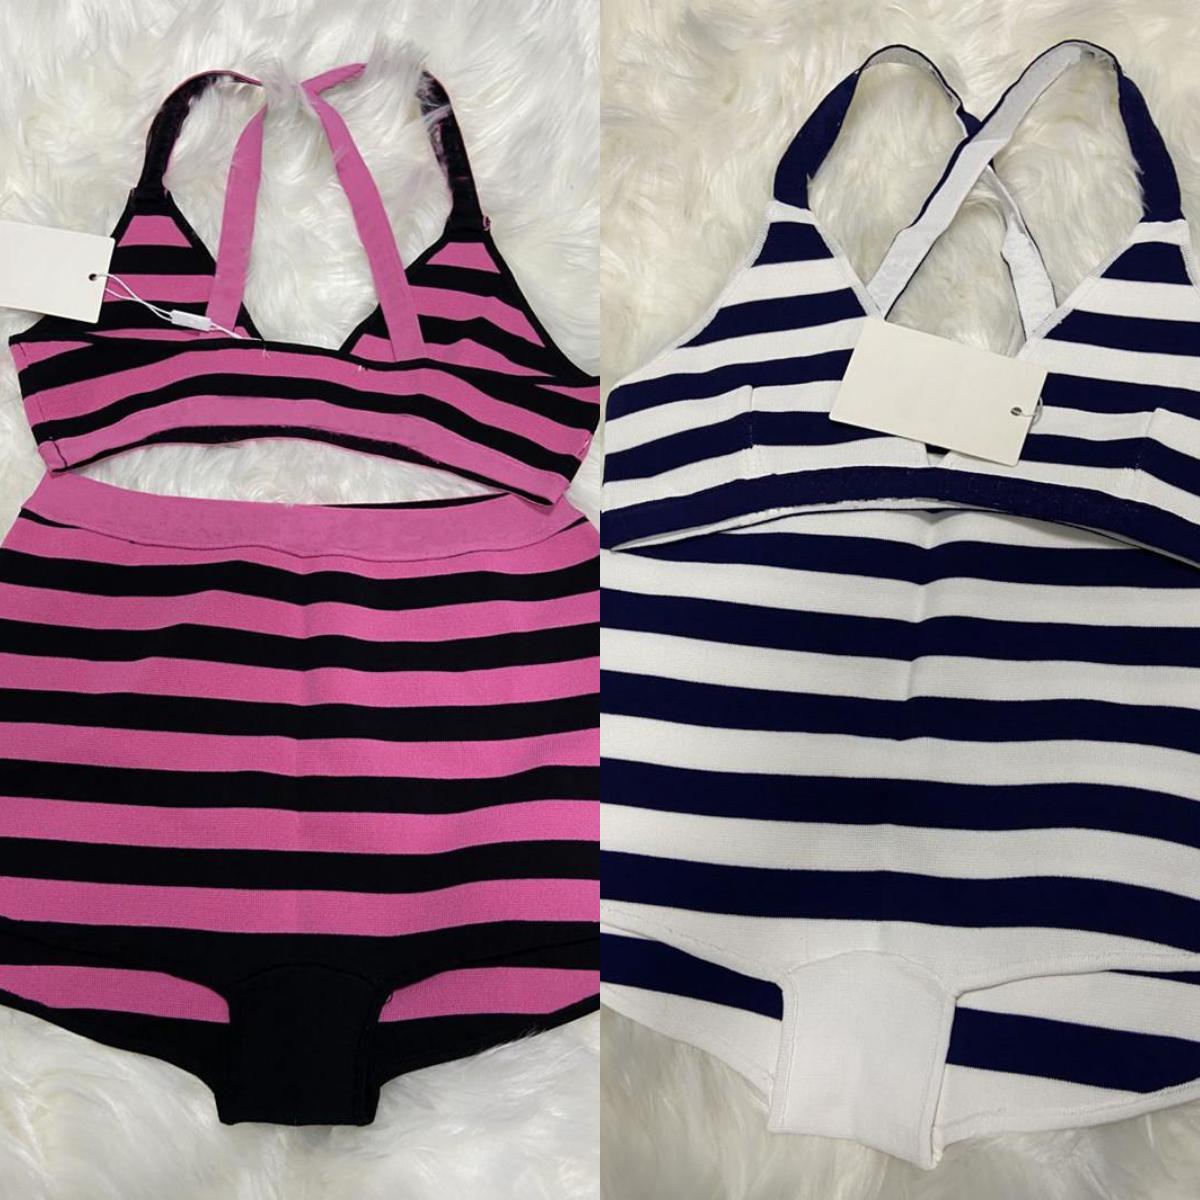 Heißer Verkauf Strickstreifen Badeanzug Bikini Set Frauen Mode Swimwear Badeanzug Bandage Sexy Badewanne Rosa Anzüge Sexy mit Tags bereit zum Schiff